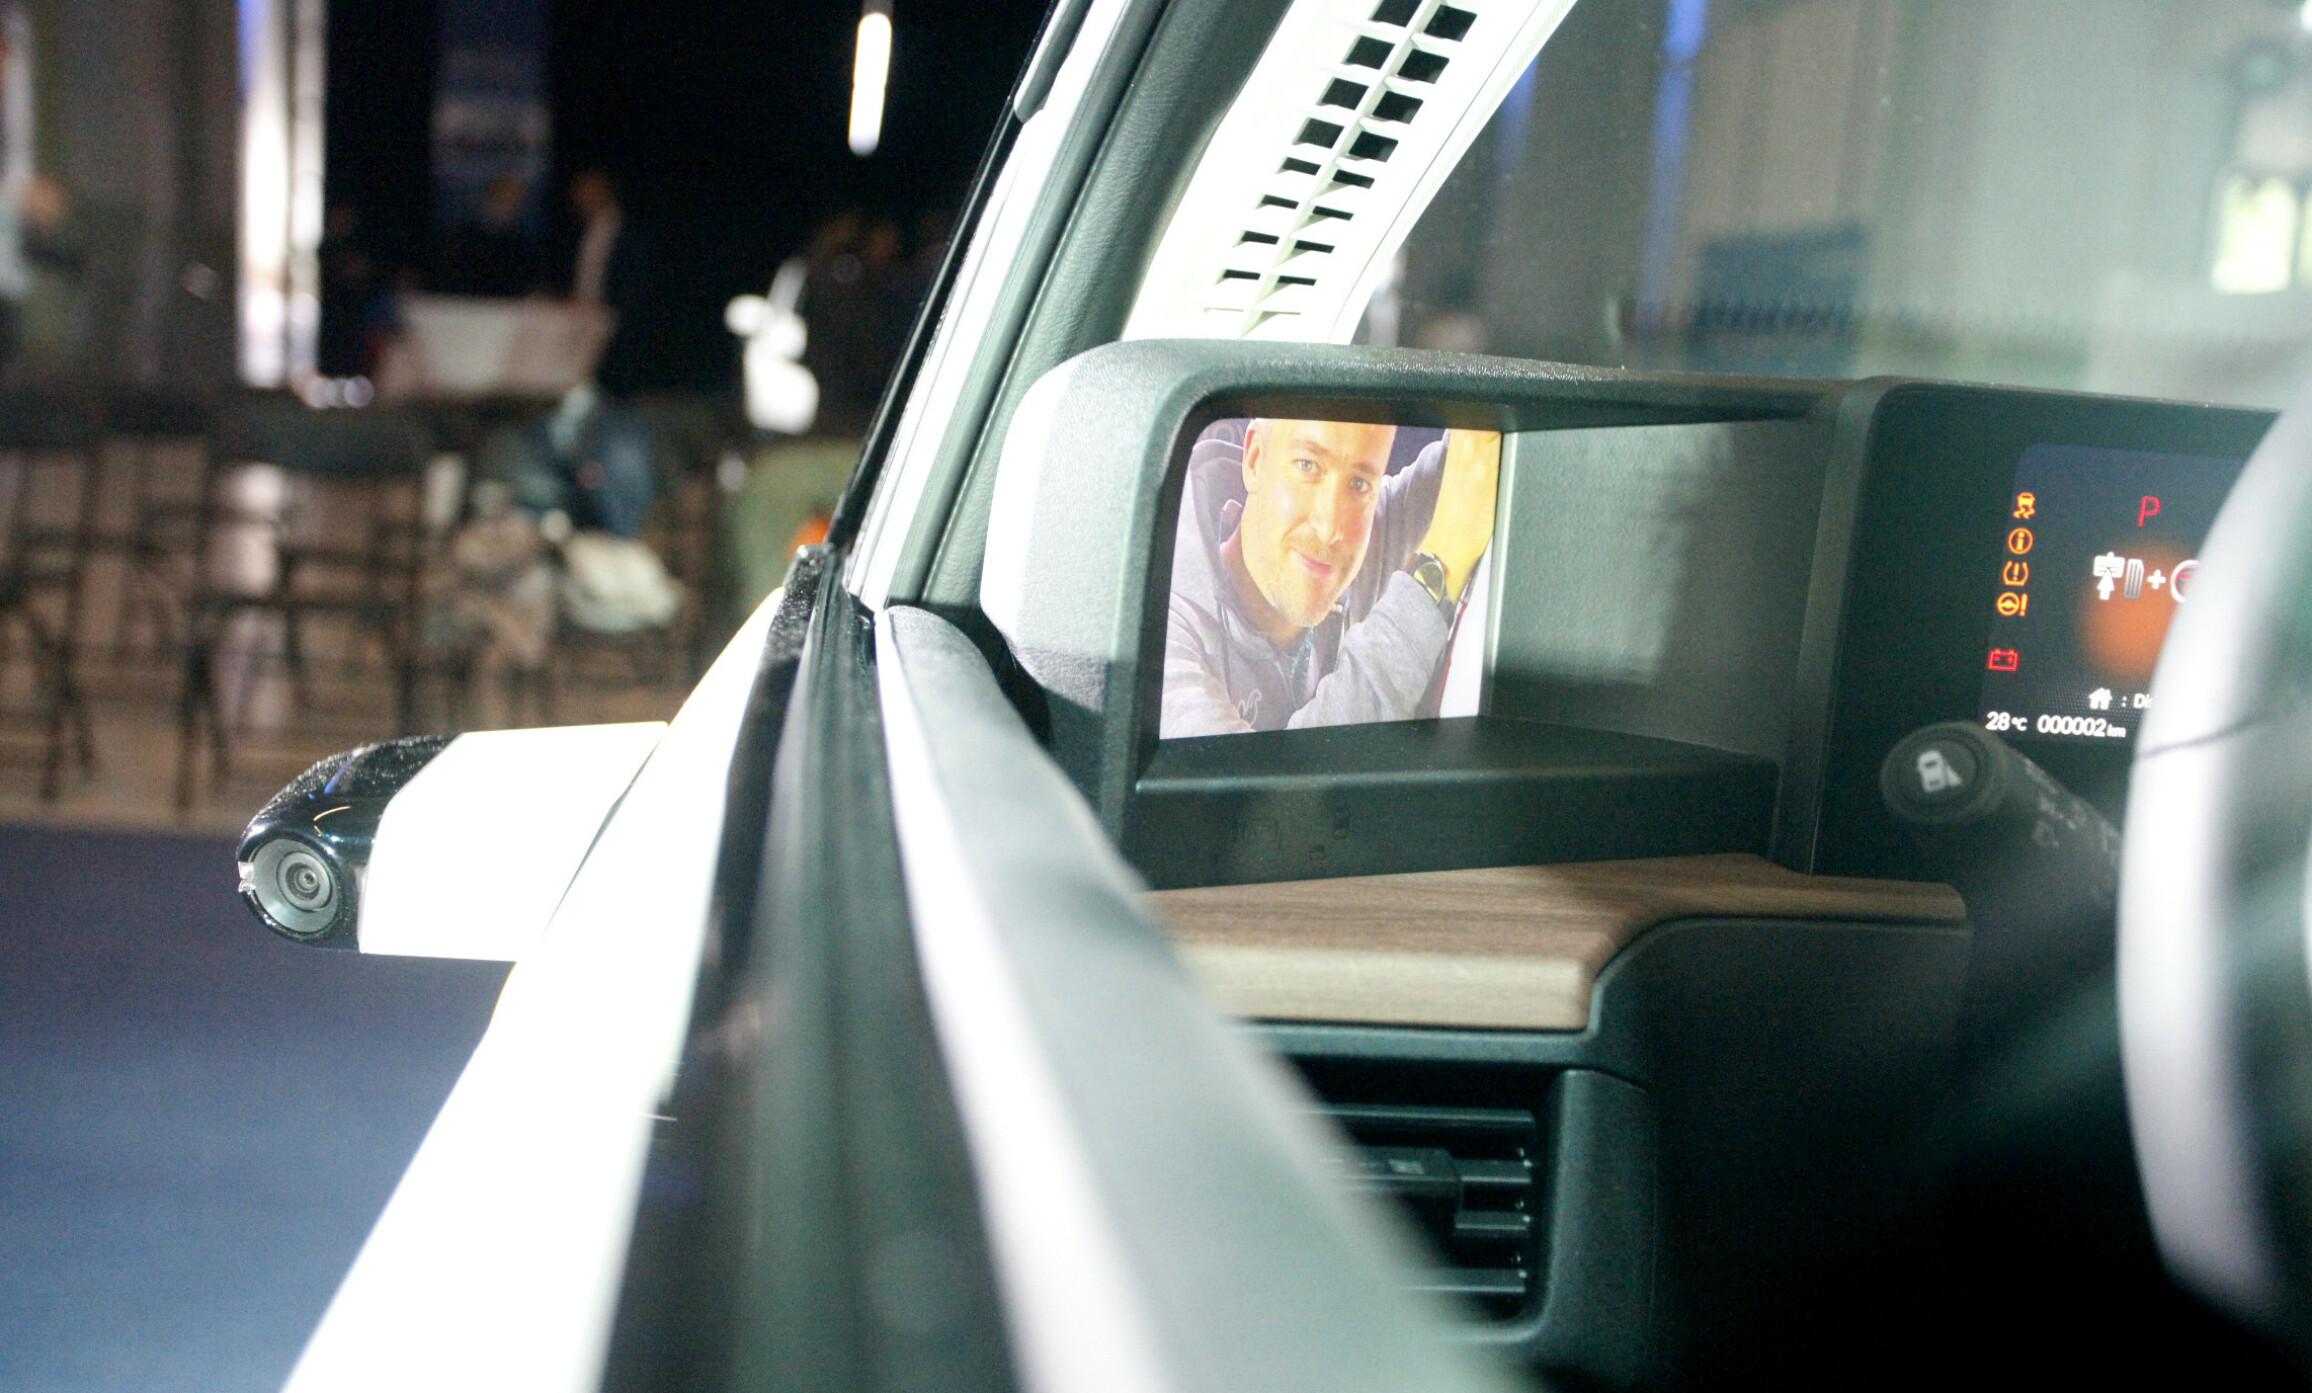 KAMERASPEIL: Som Audi e-Tron kommer Honda e med kamera og skjerm istedenfor tradisjonelle sidespeil. Foto: Øystein B. Fossum